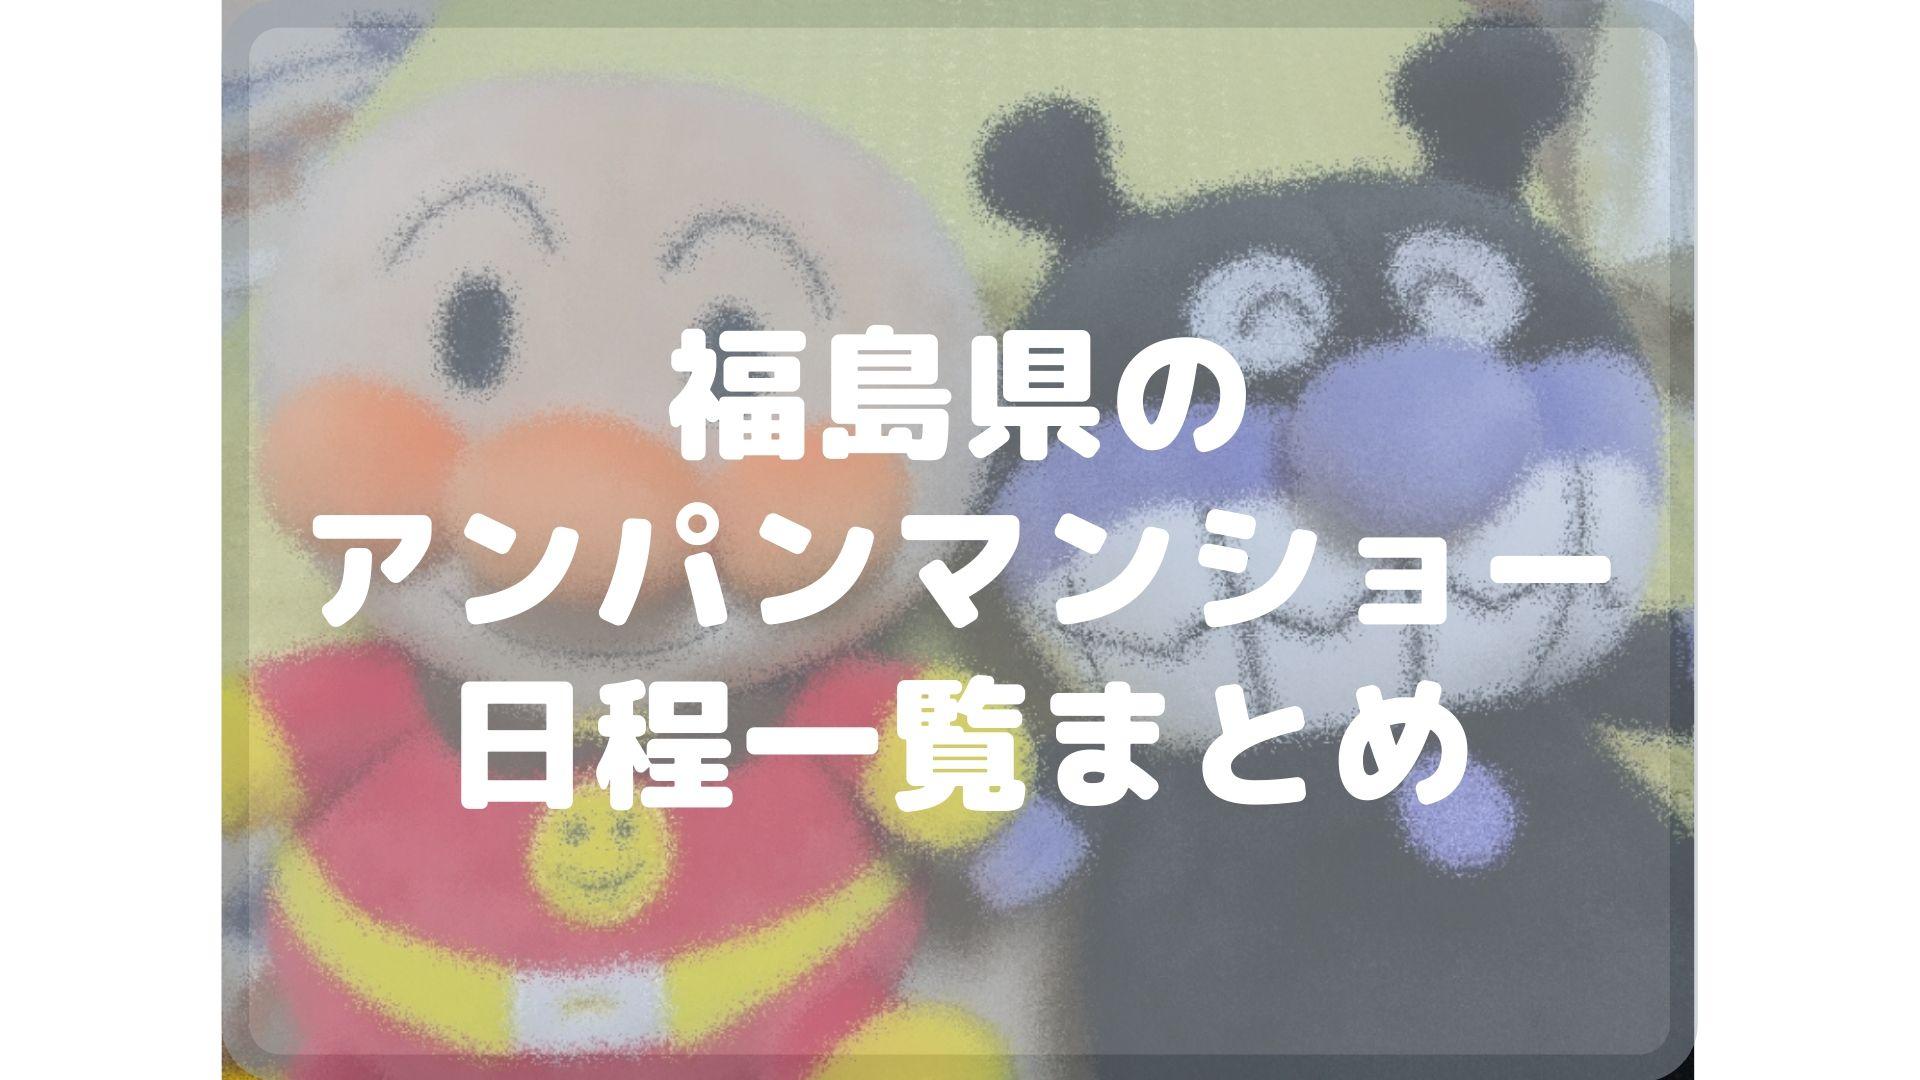 福島県のアンパンマンショーまとめタイトル画像